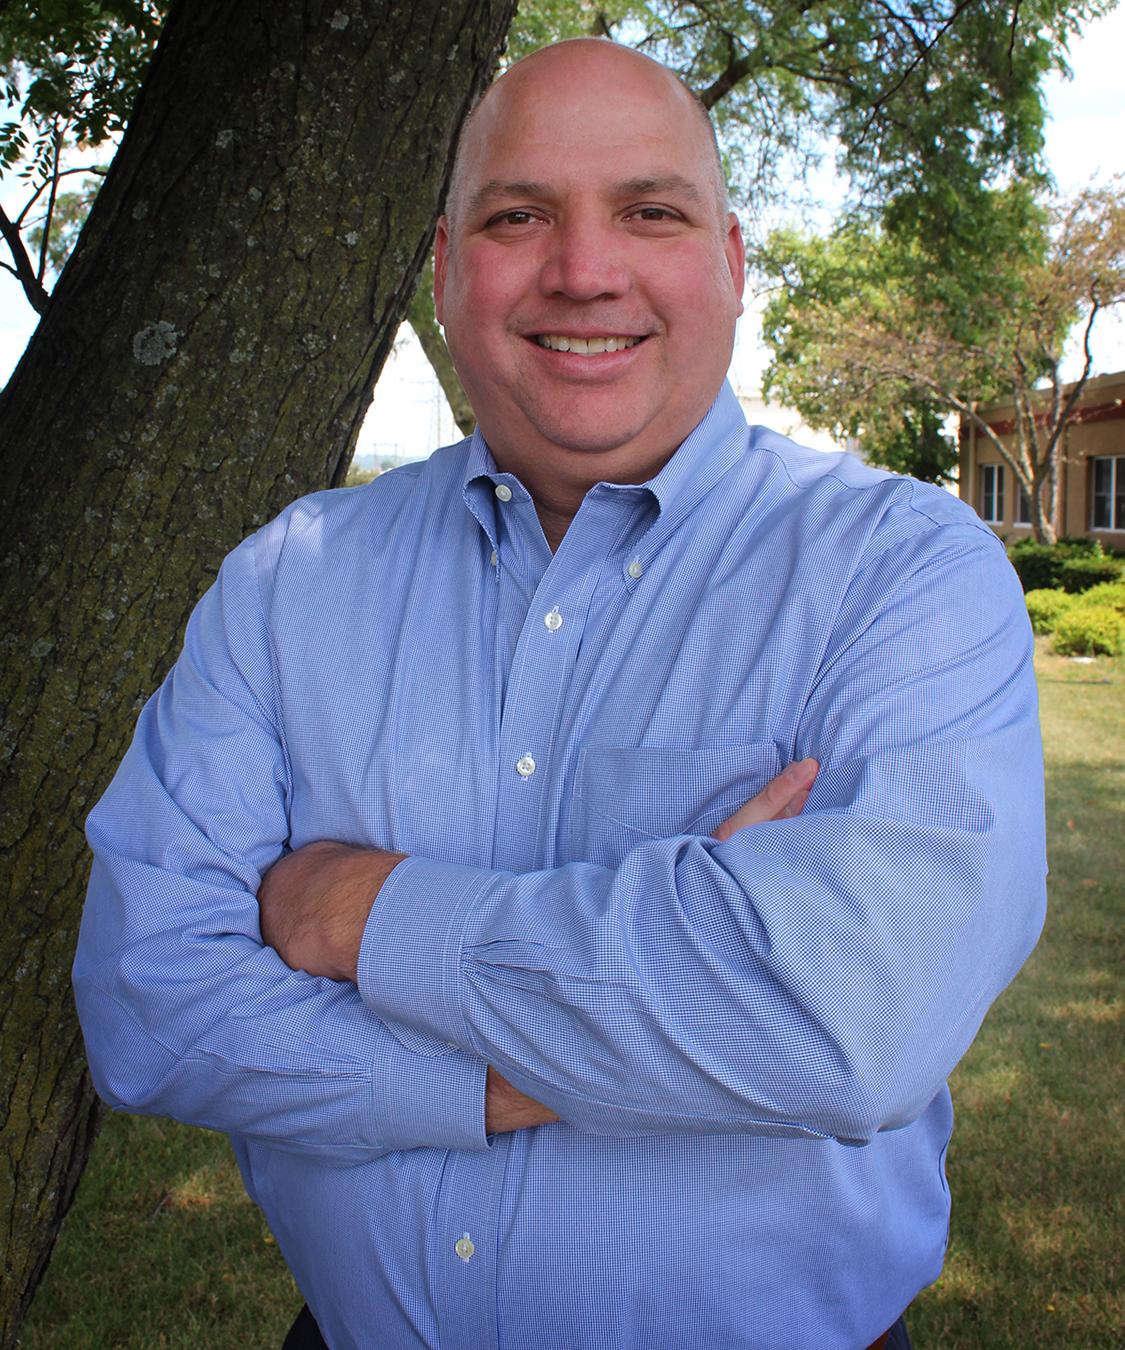 Steve Ostrenga